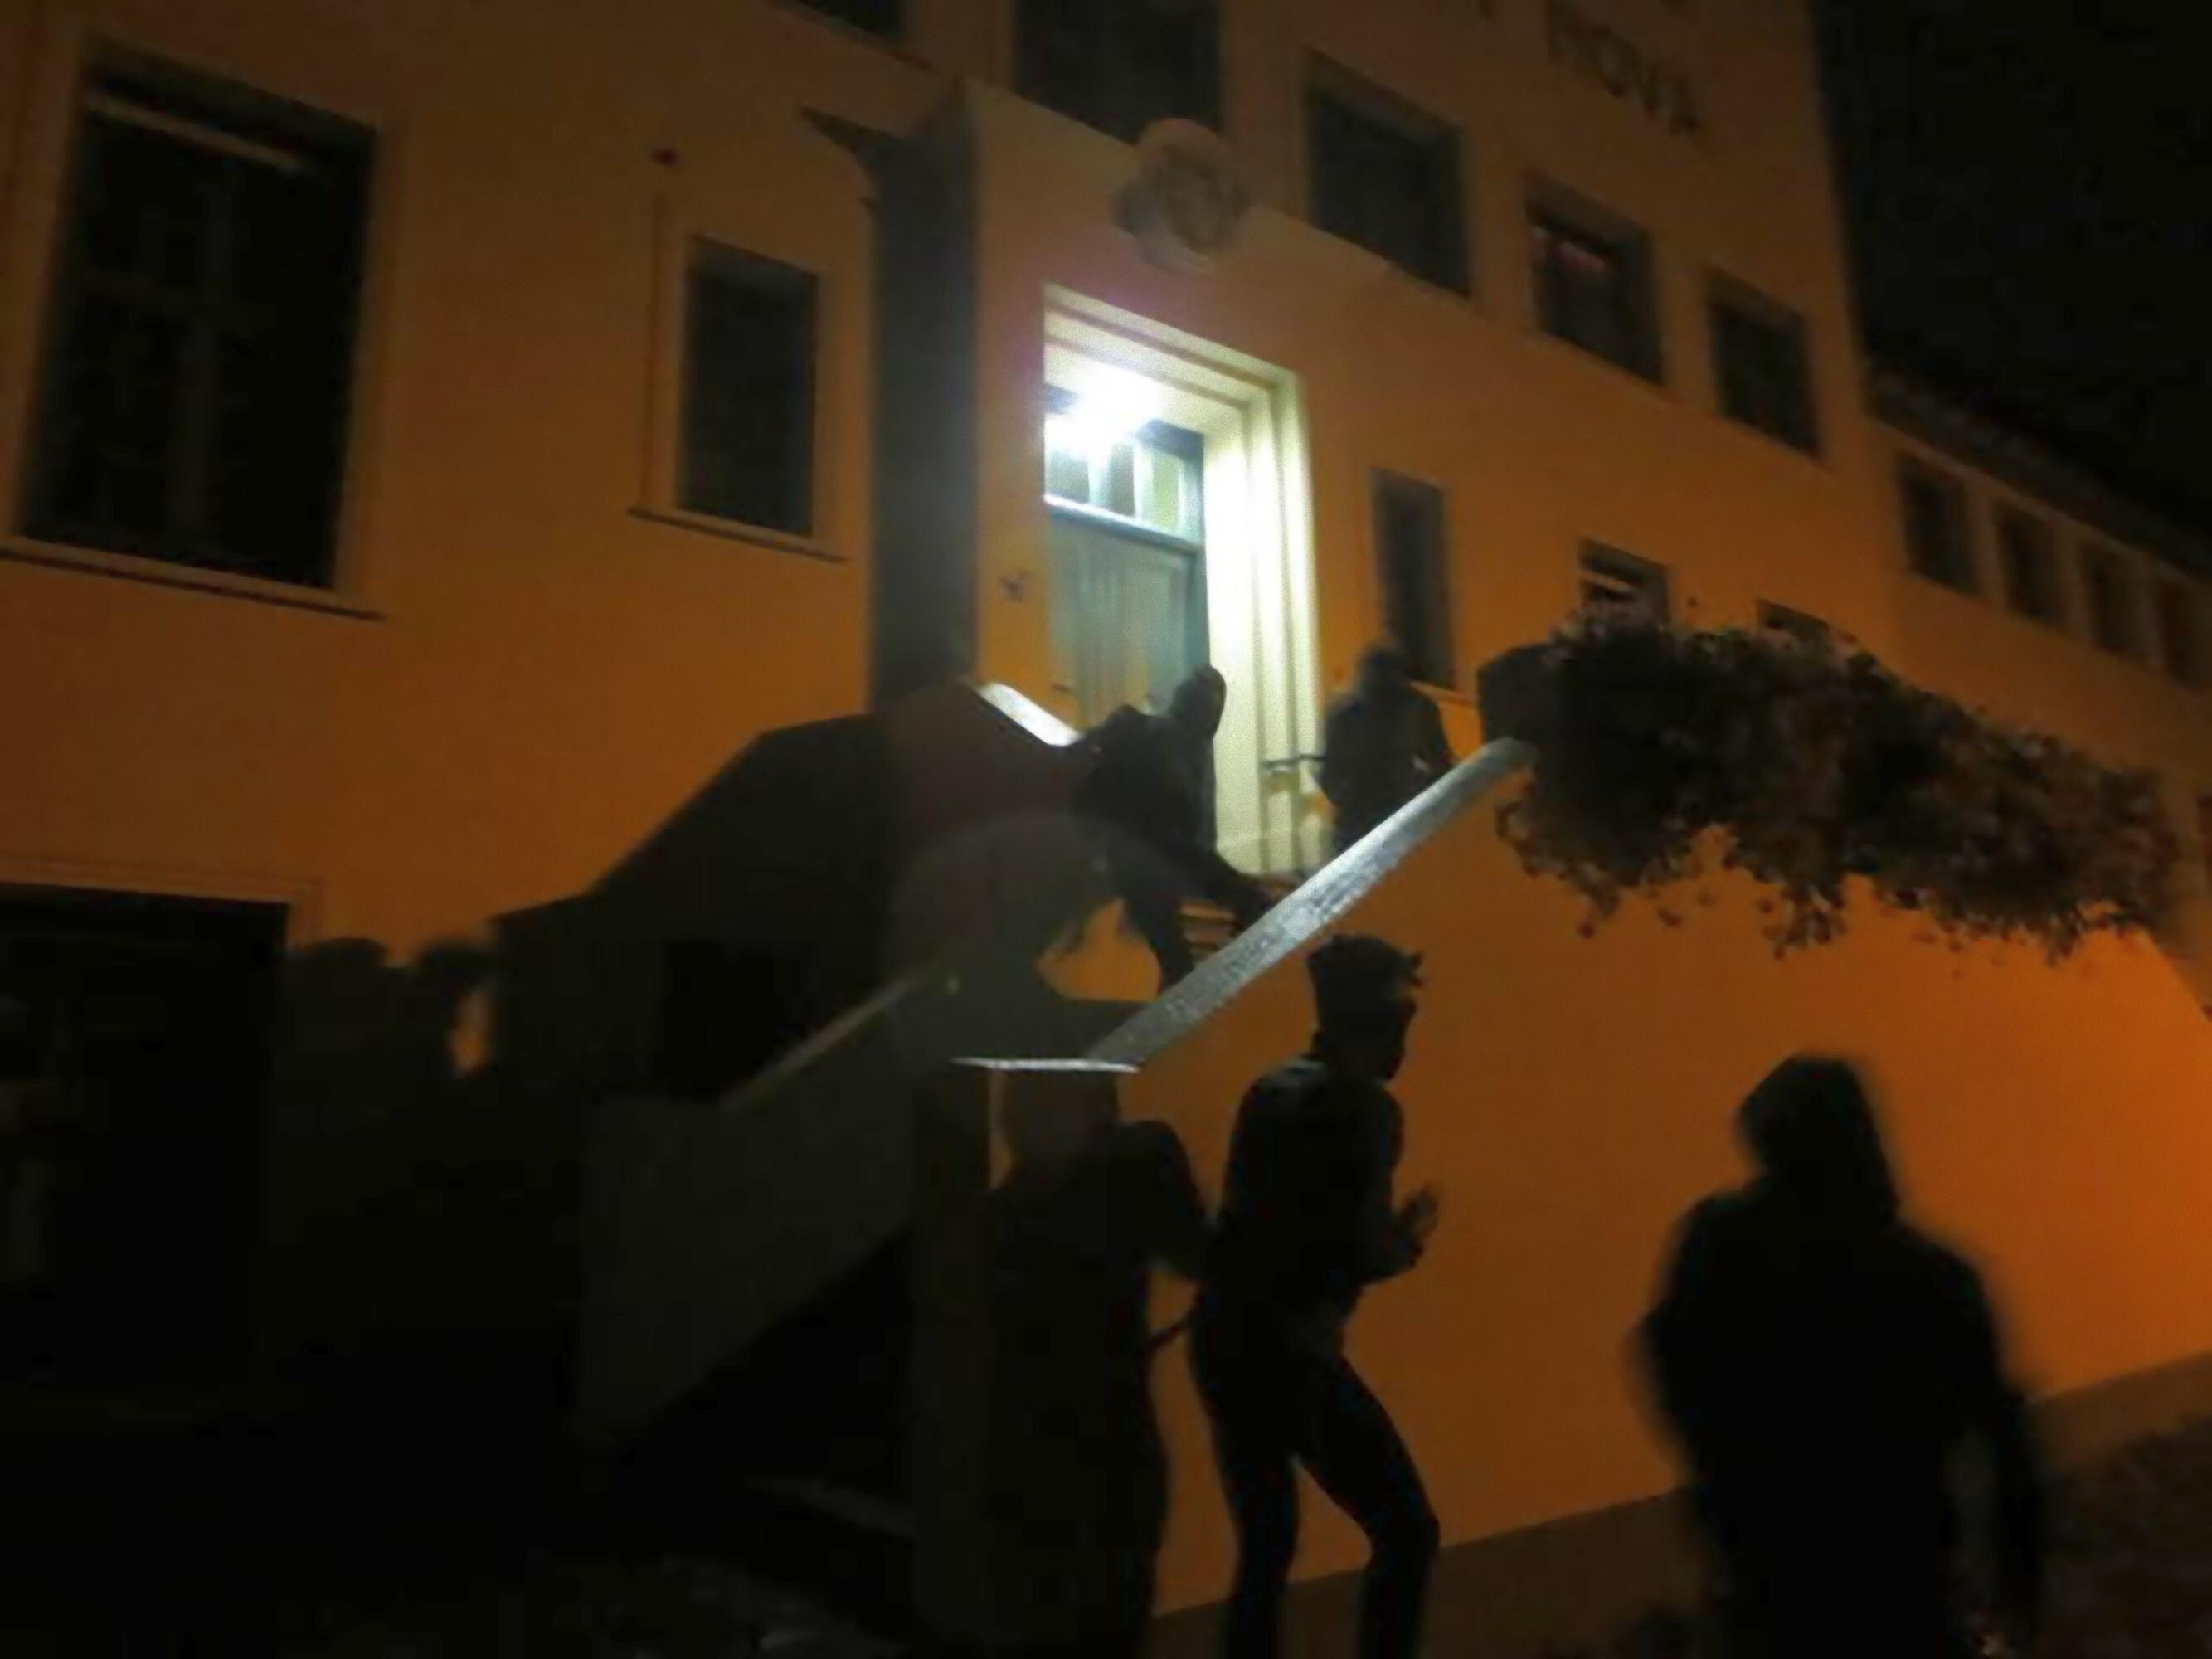 Anti-gezin vandalen spijkeren affiche aan voordeur Civitas Christiana